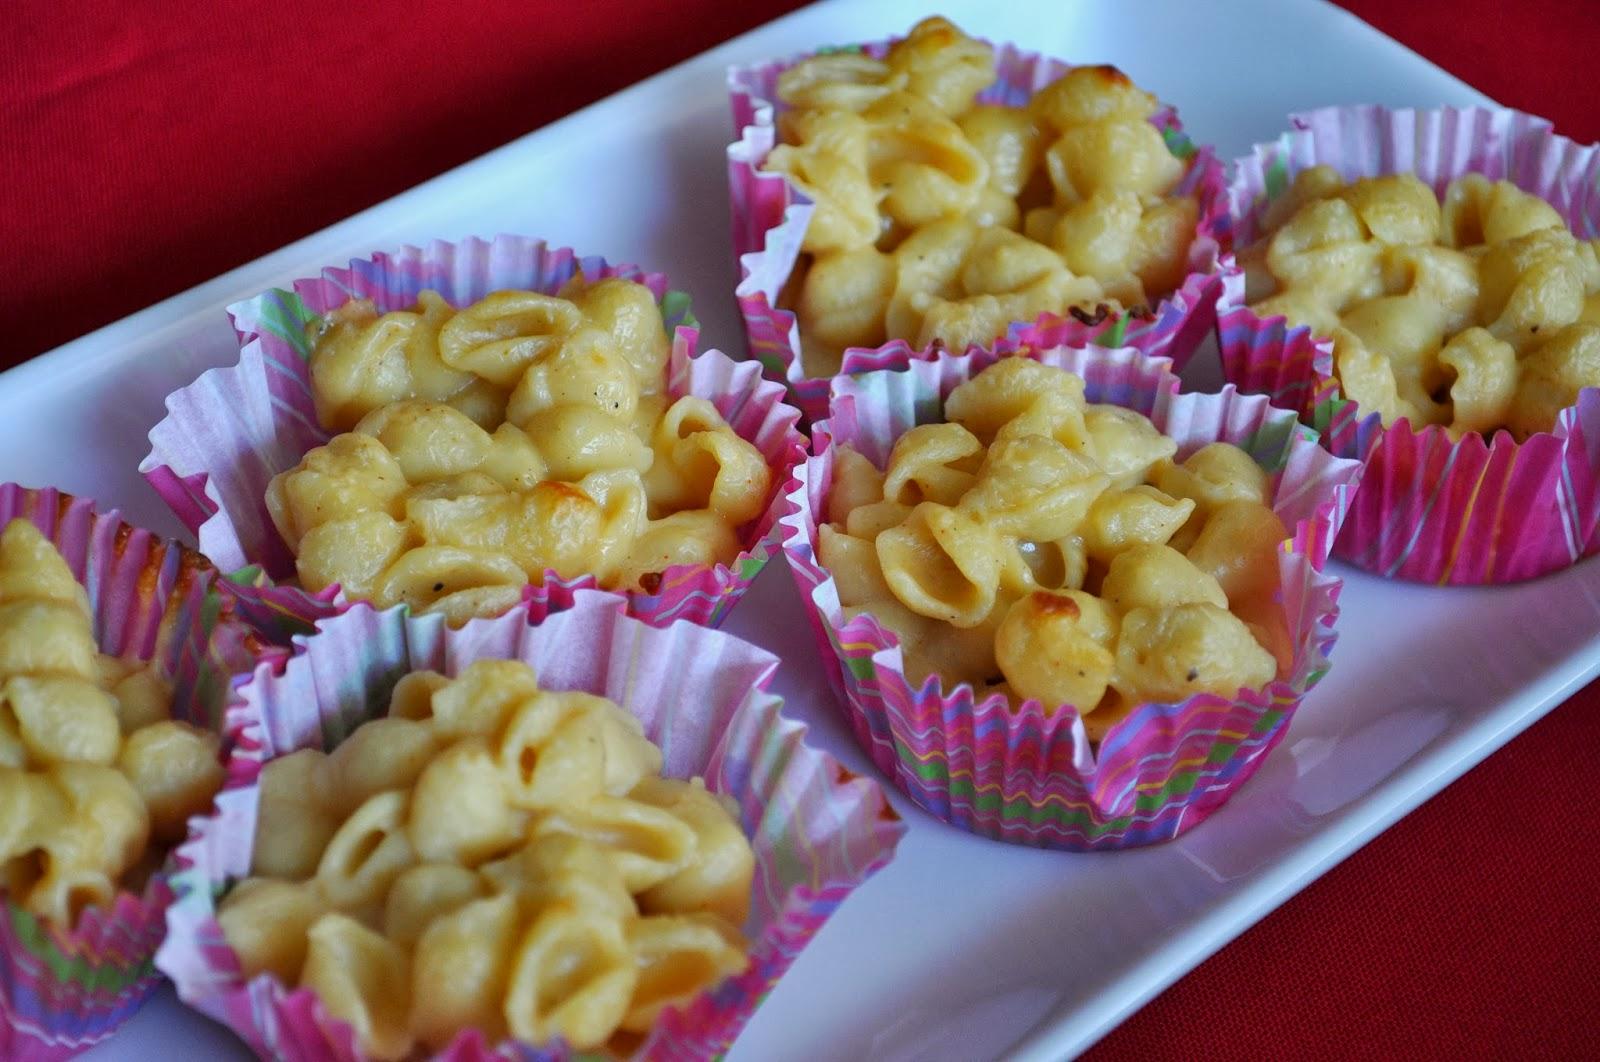 Macaroni cupcake delights